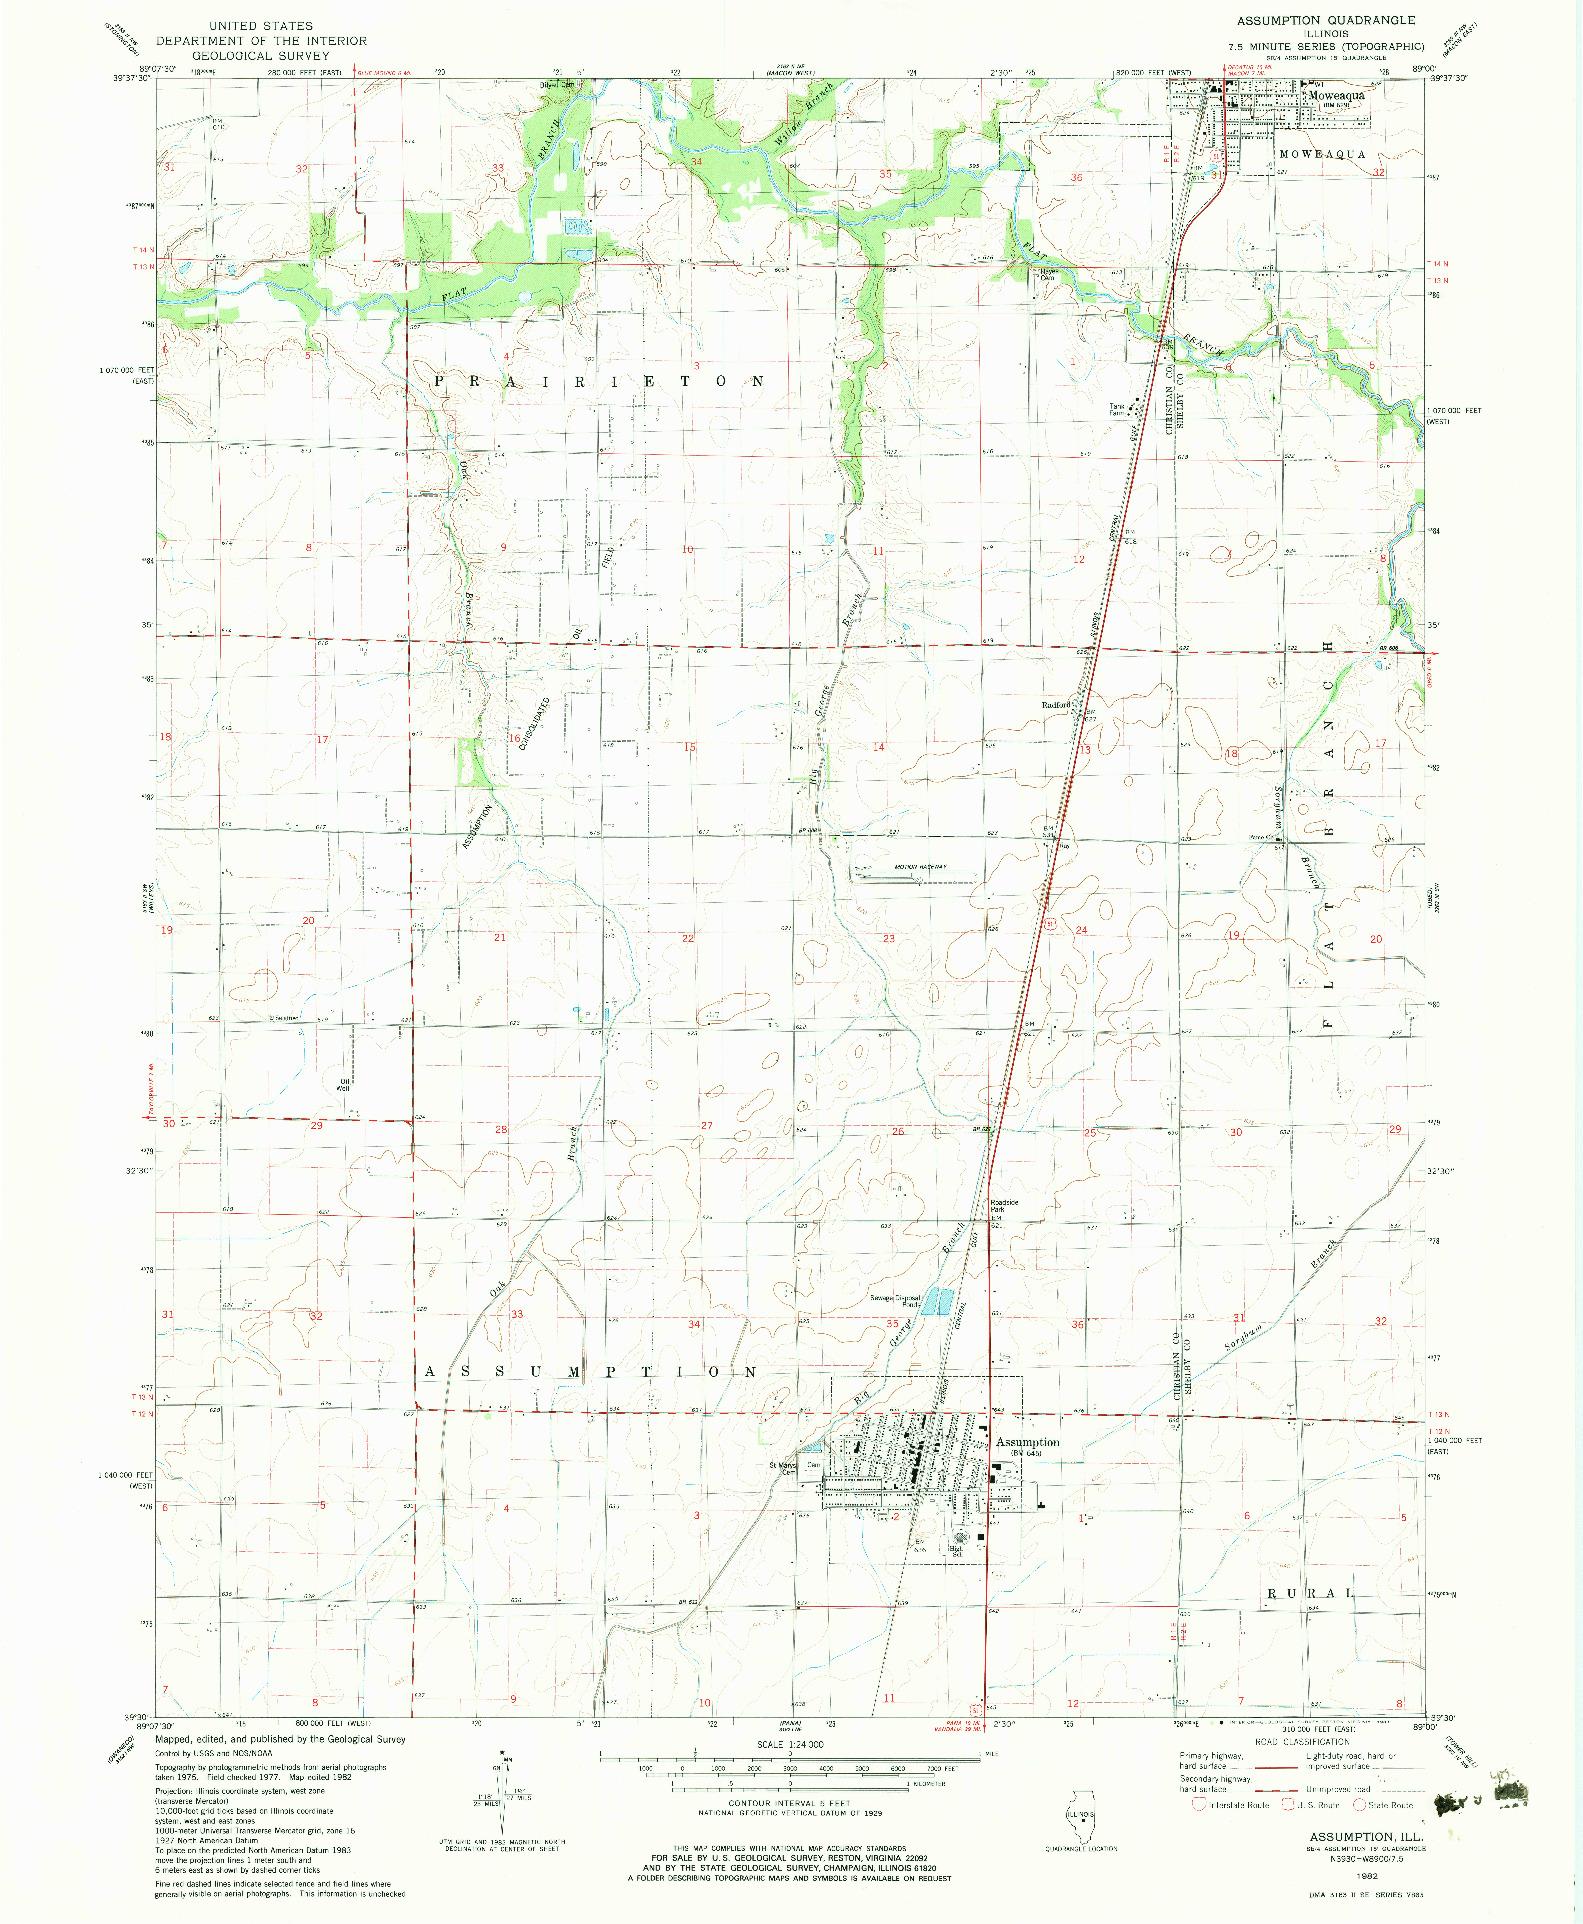 USGS 1:24000-SCALE QUADRANGLE FOR ASSUMPTION, IL 1982